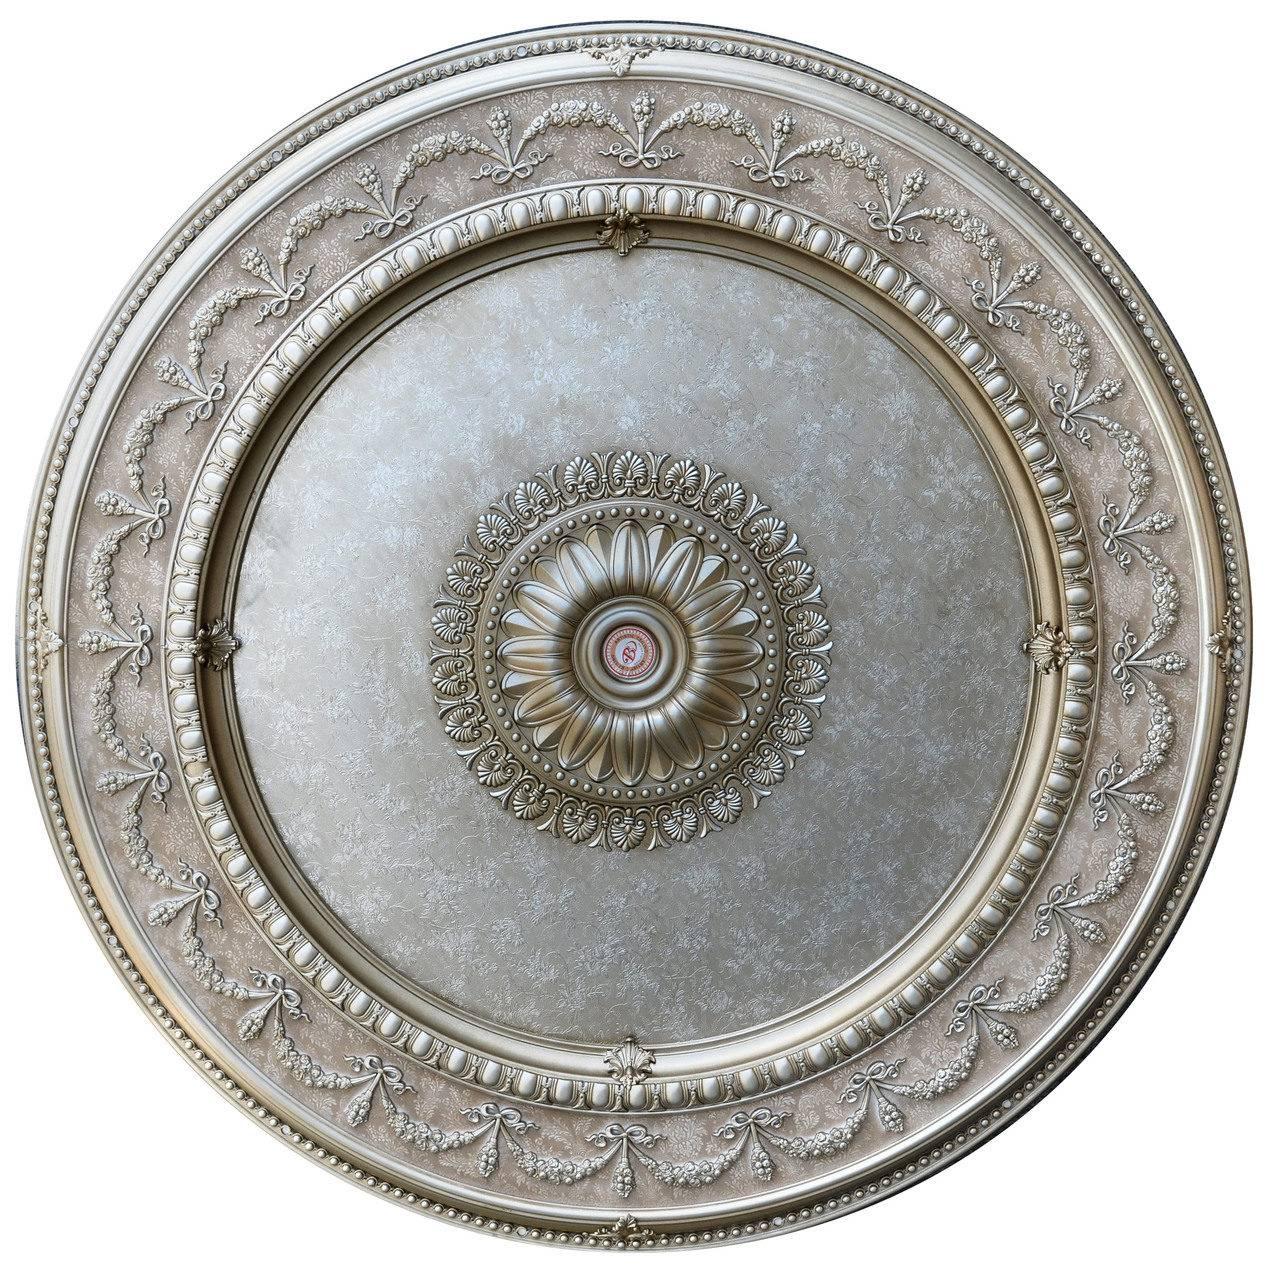 Banruo Antique Sliver Polystyrene Interior Ceiling Medallions Tile Designs